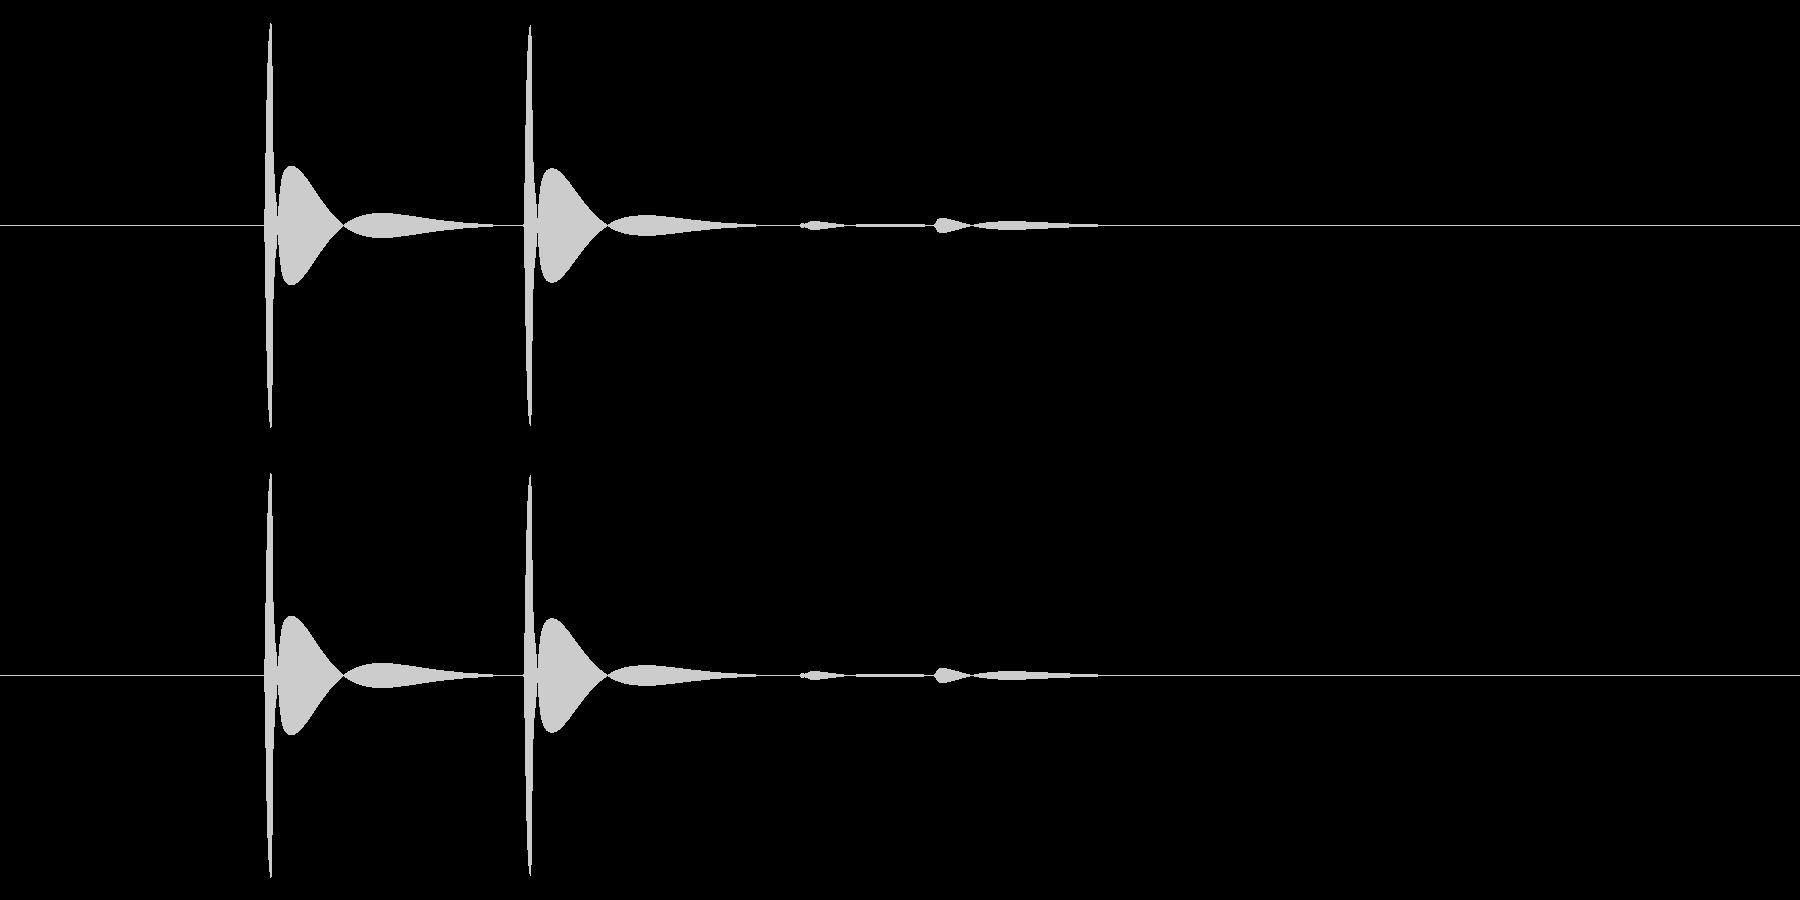 ブツ(相手が電話を切る音)の未再生の波形